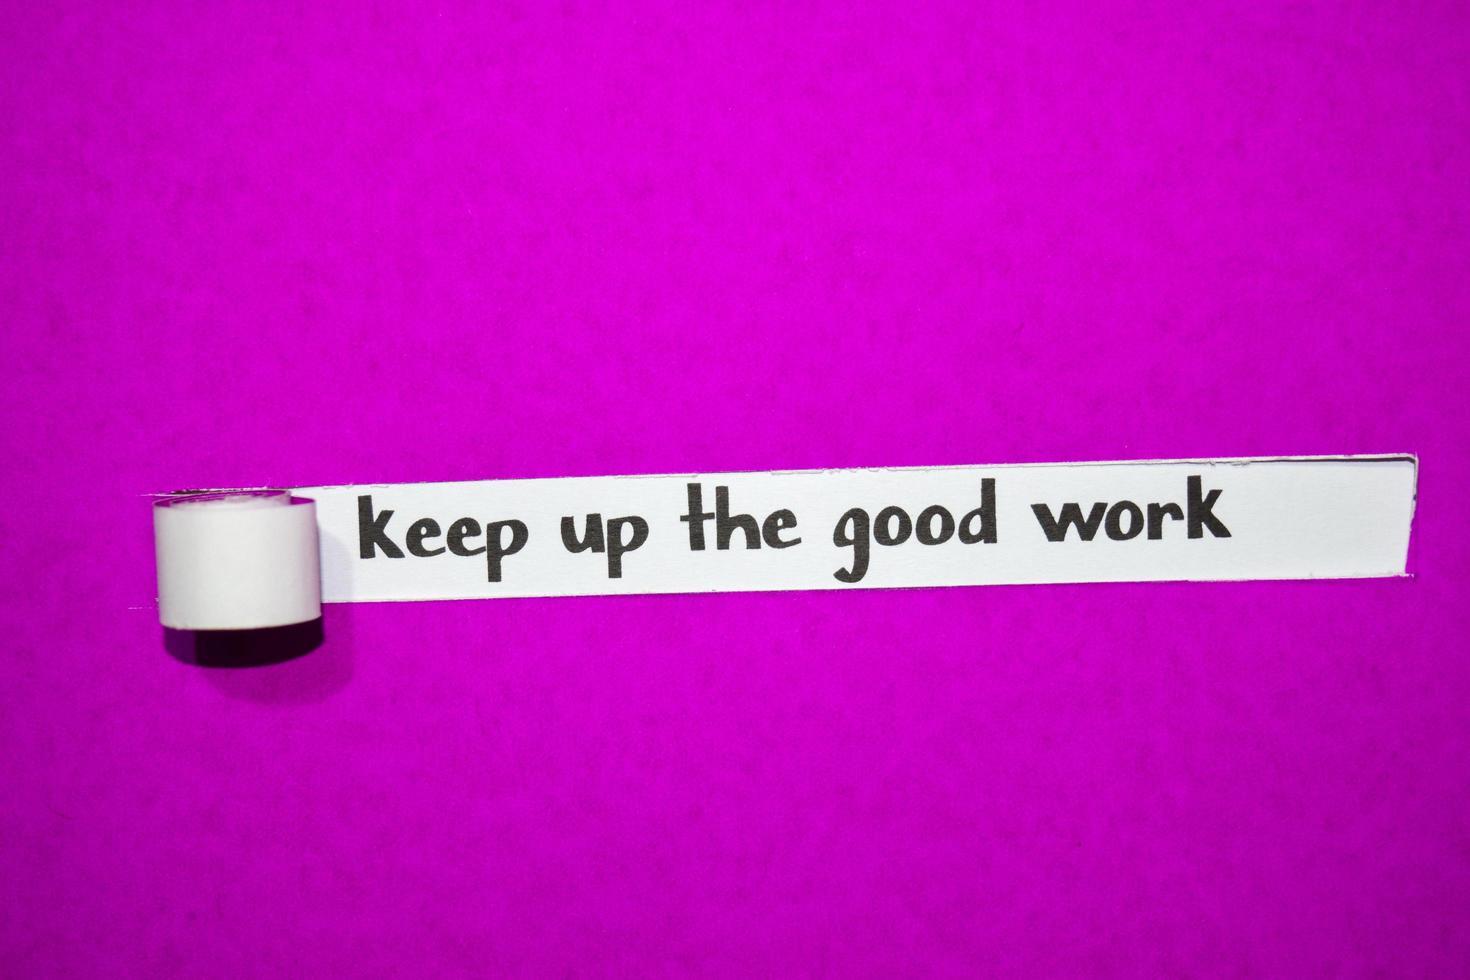 ga zo door met het goede werktekst, inspiratie, motivatie en bedrijfsconcept op paars gescheurd papier foto